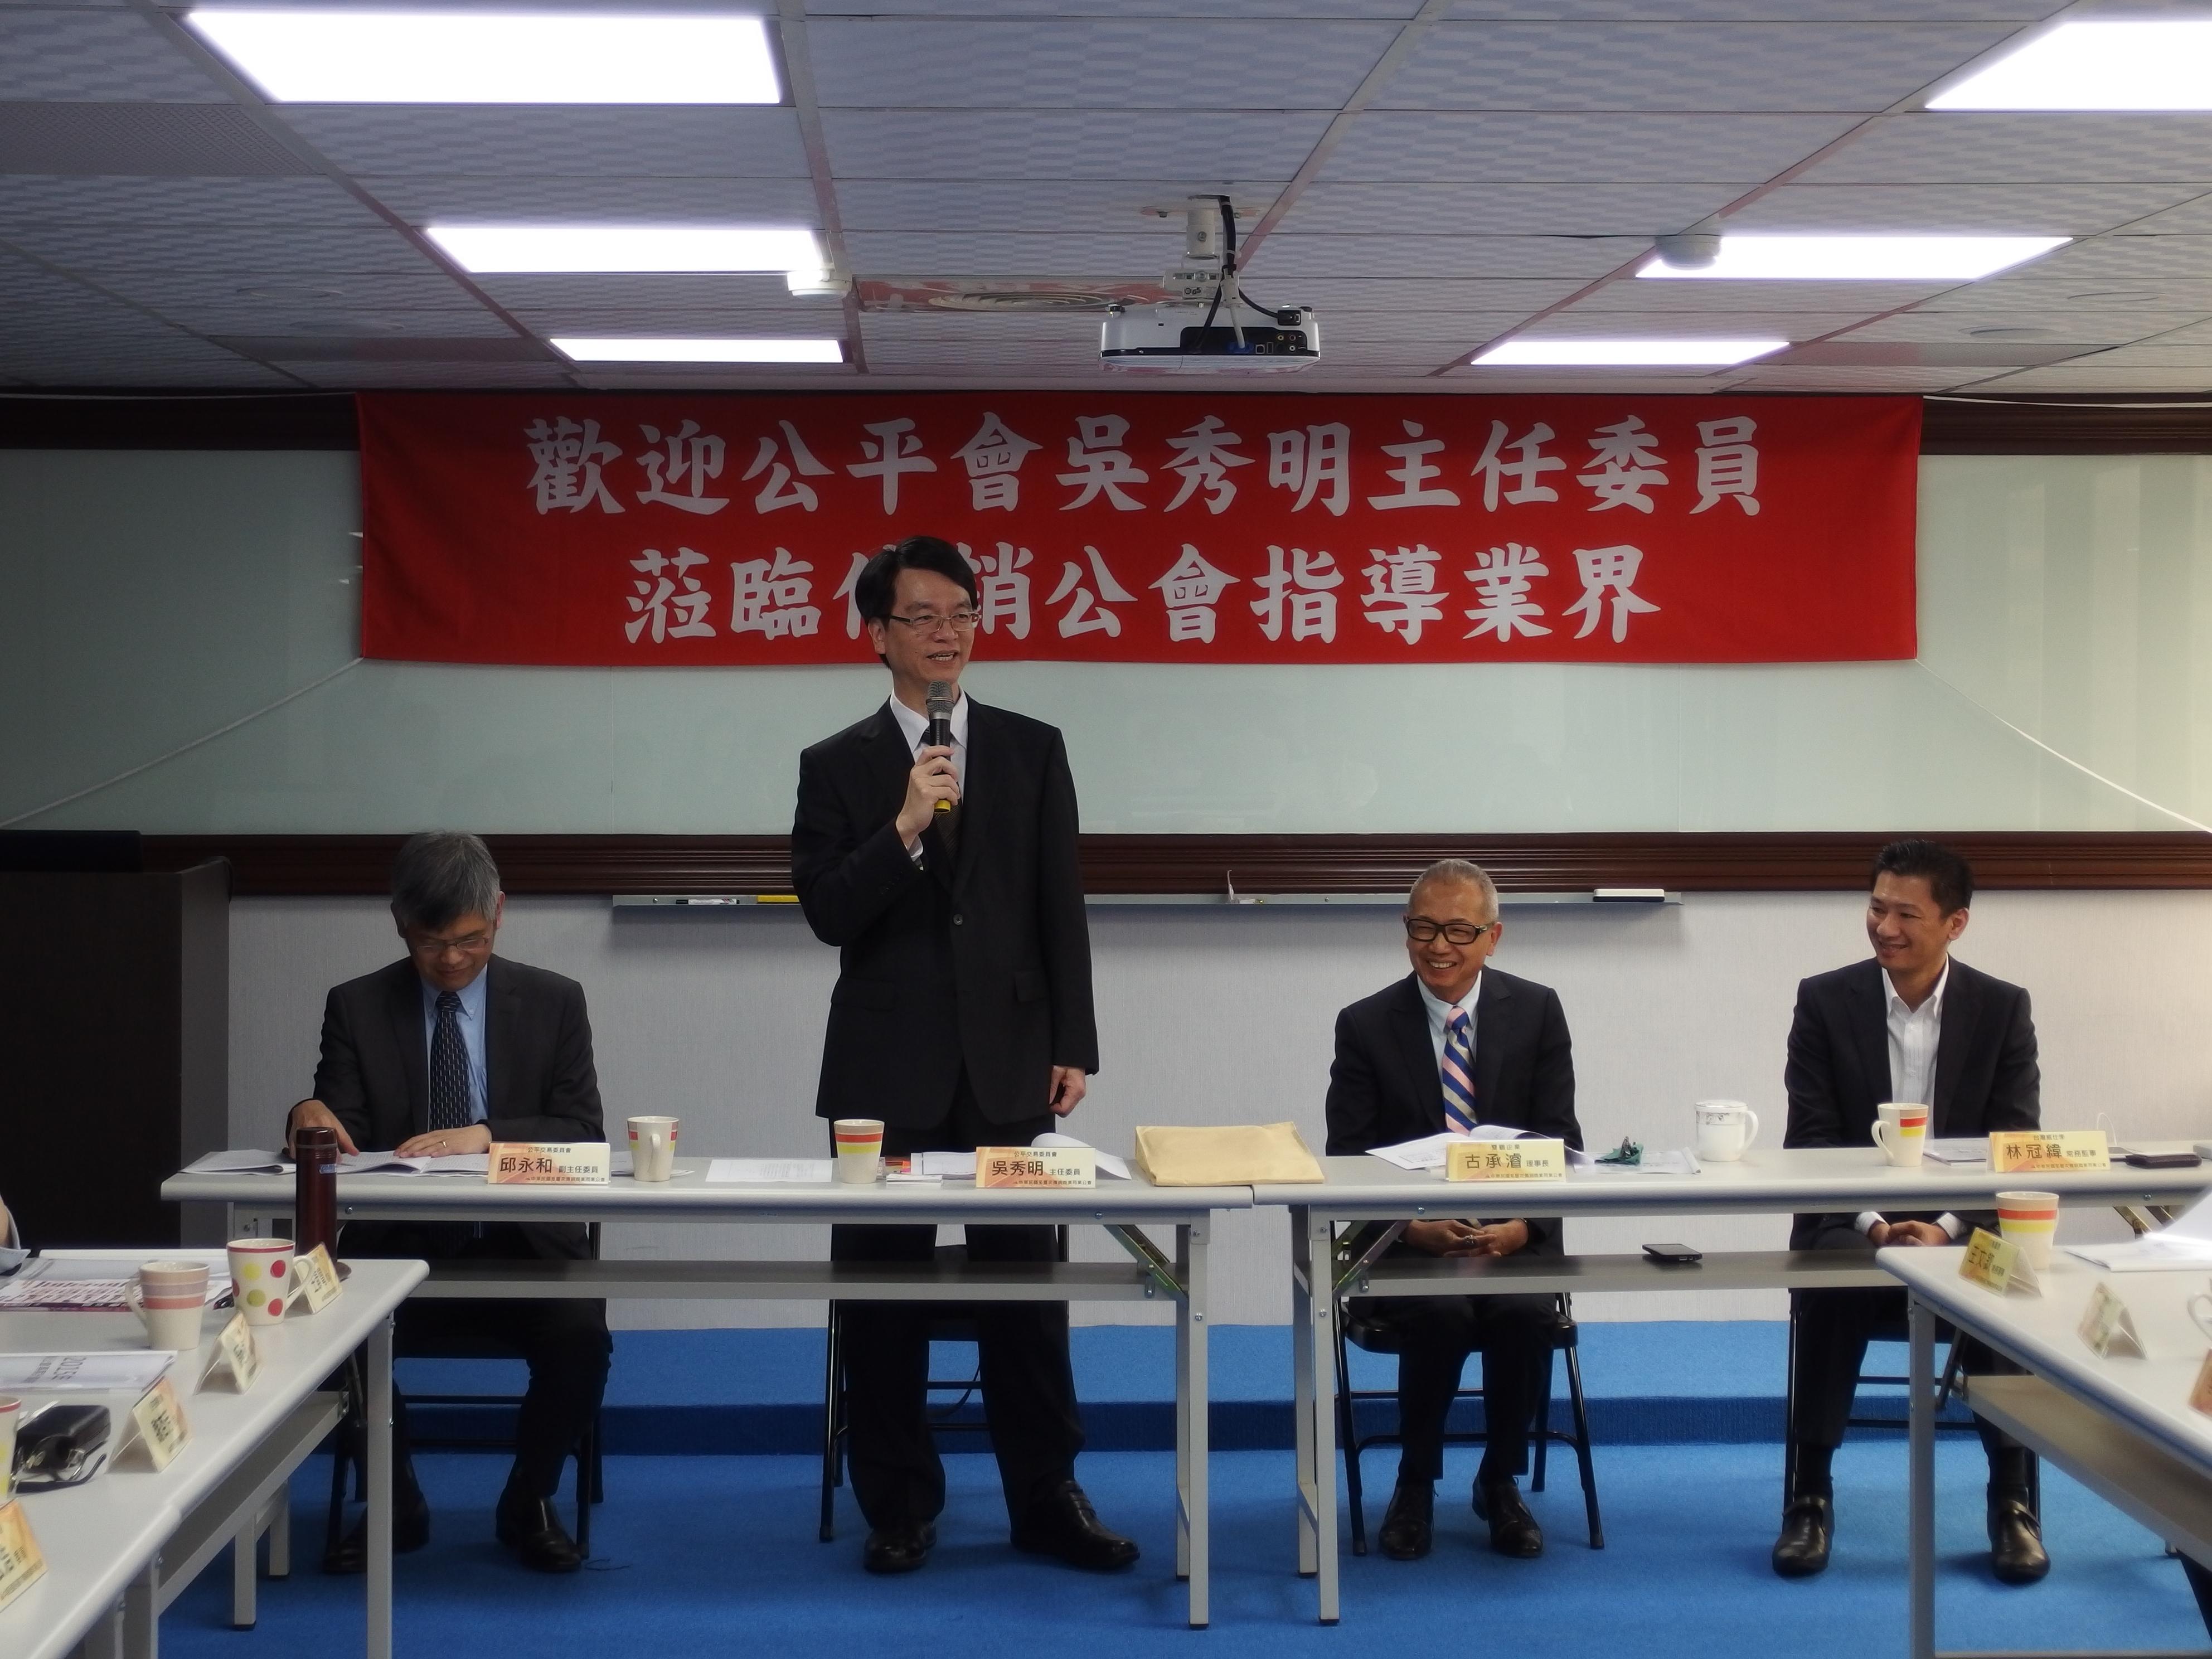 本會吳前主任委員拜會傳銷公會時致詞